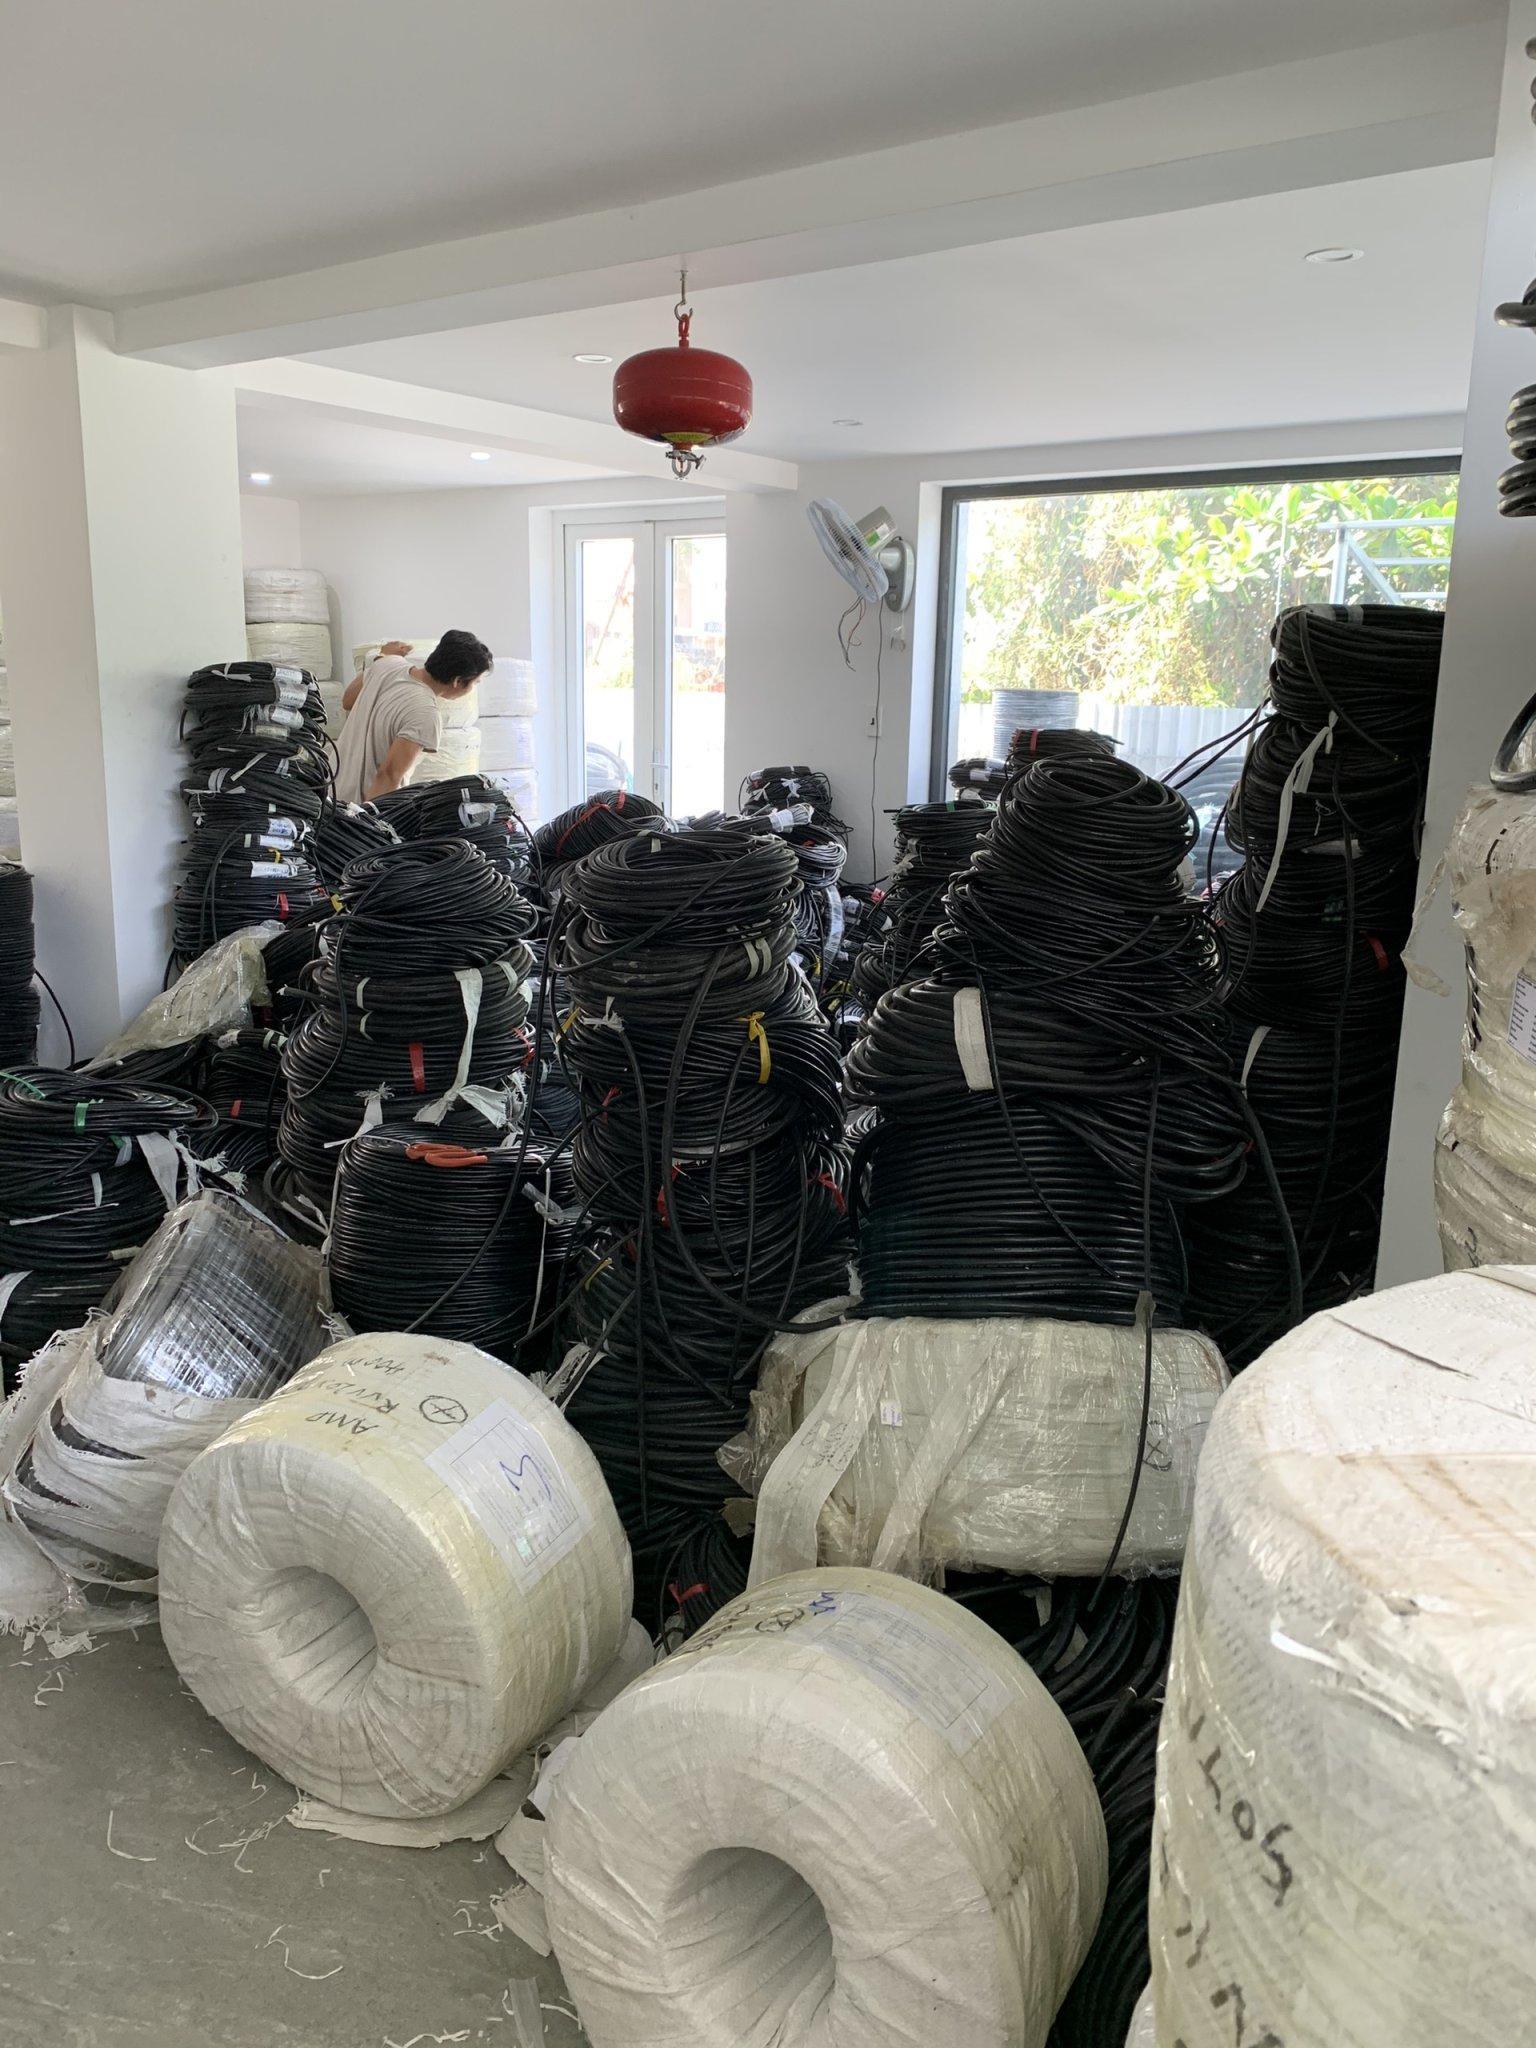 CÁP TÍN tiệm CHỐNG crếp SANGJIN CHÍNH HÃNG